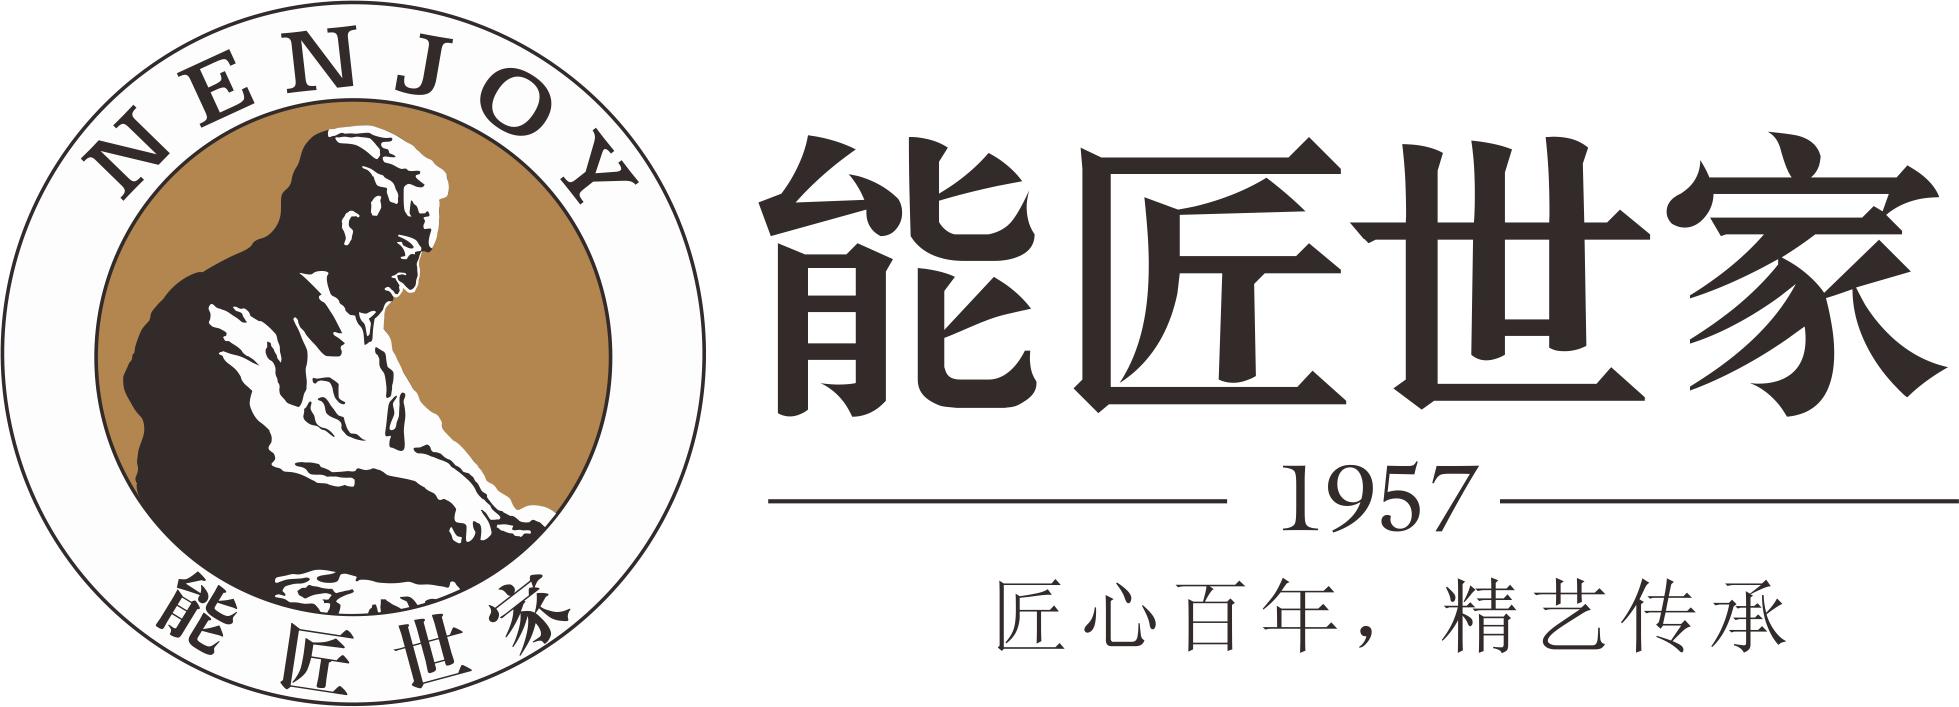 能匠世家品牌logo